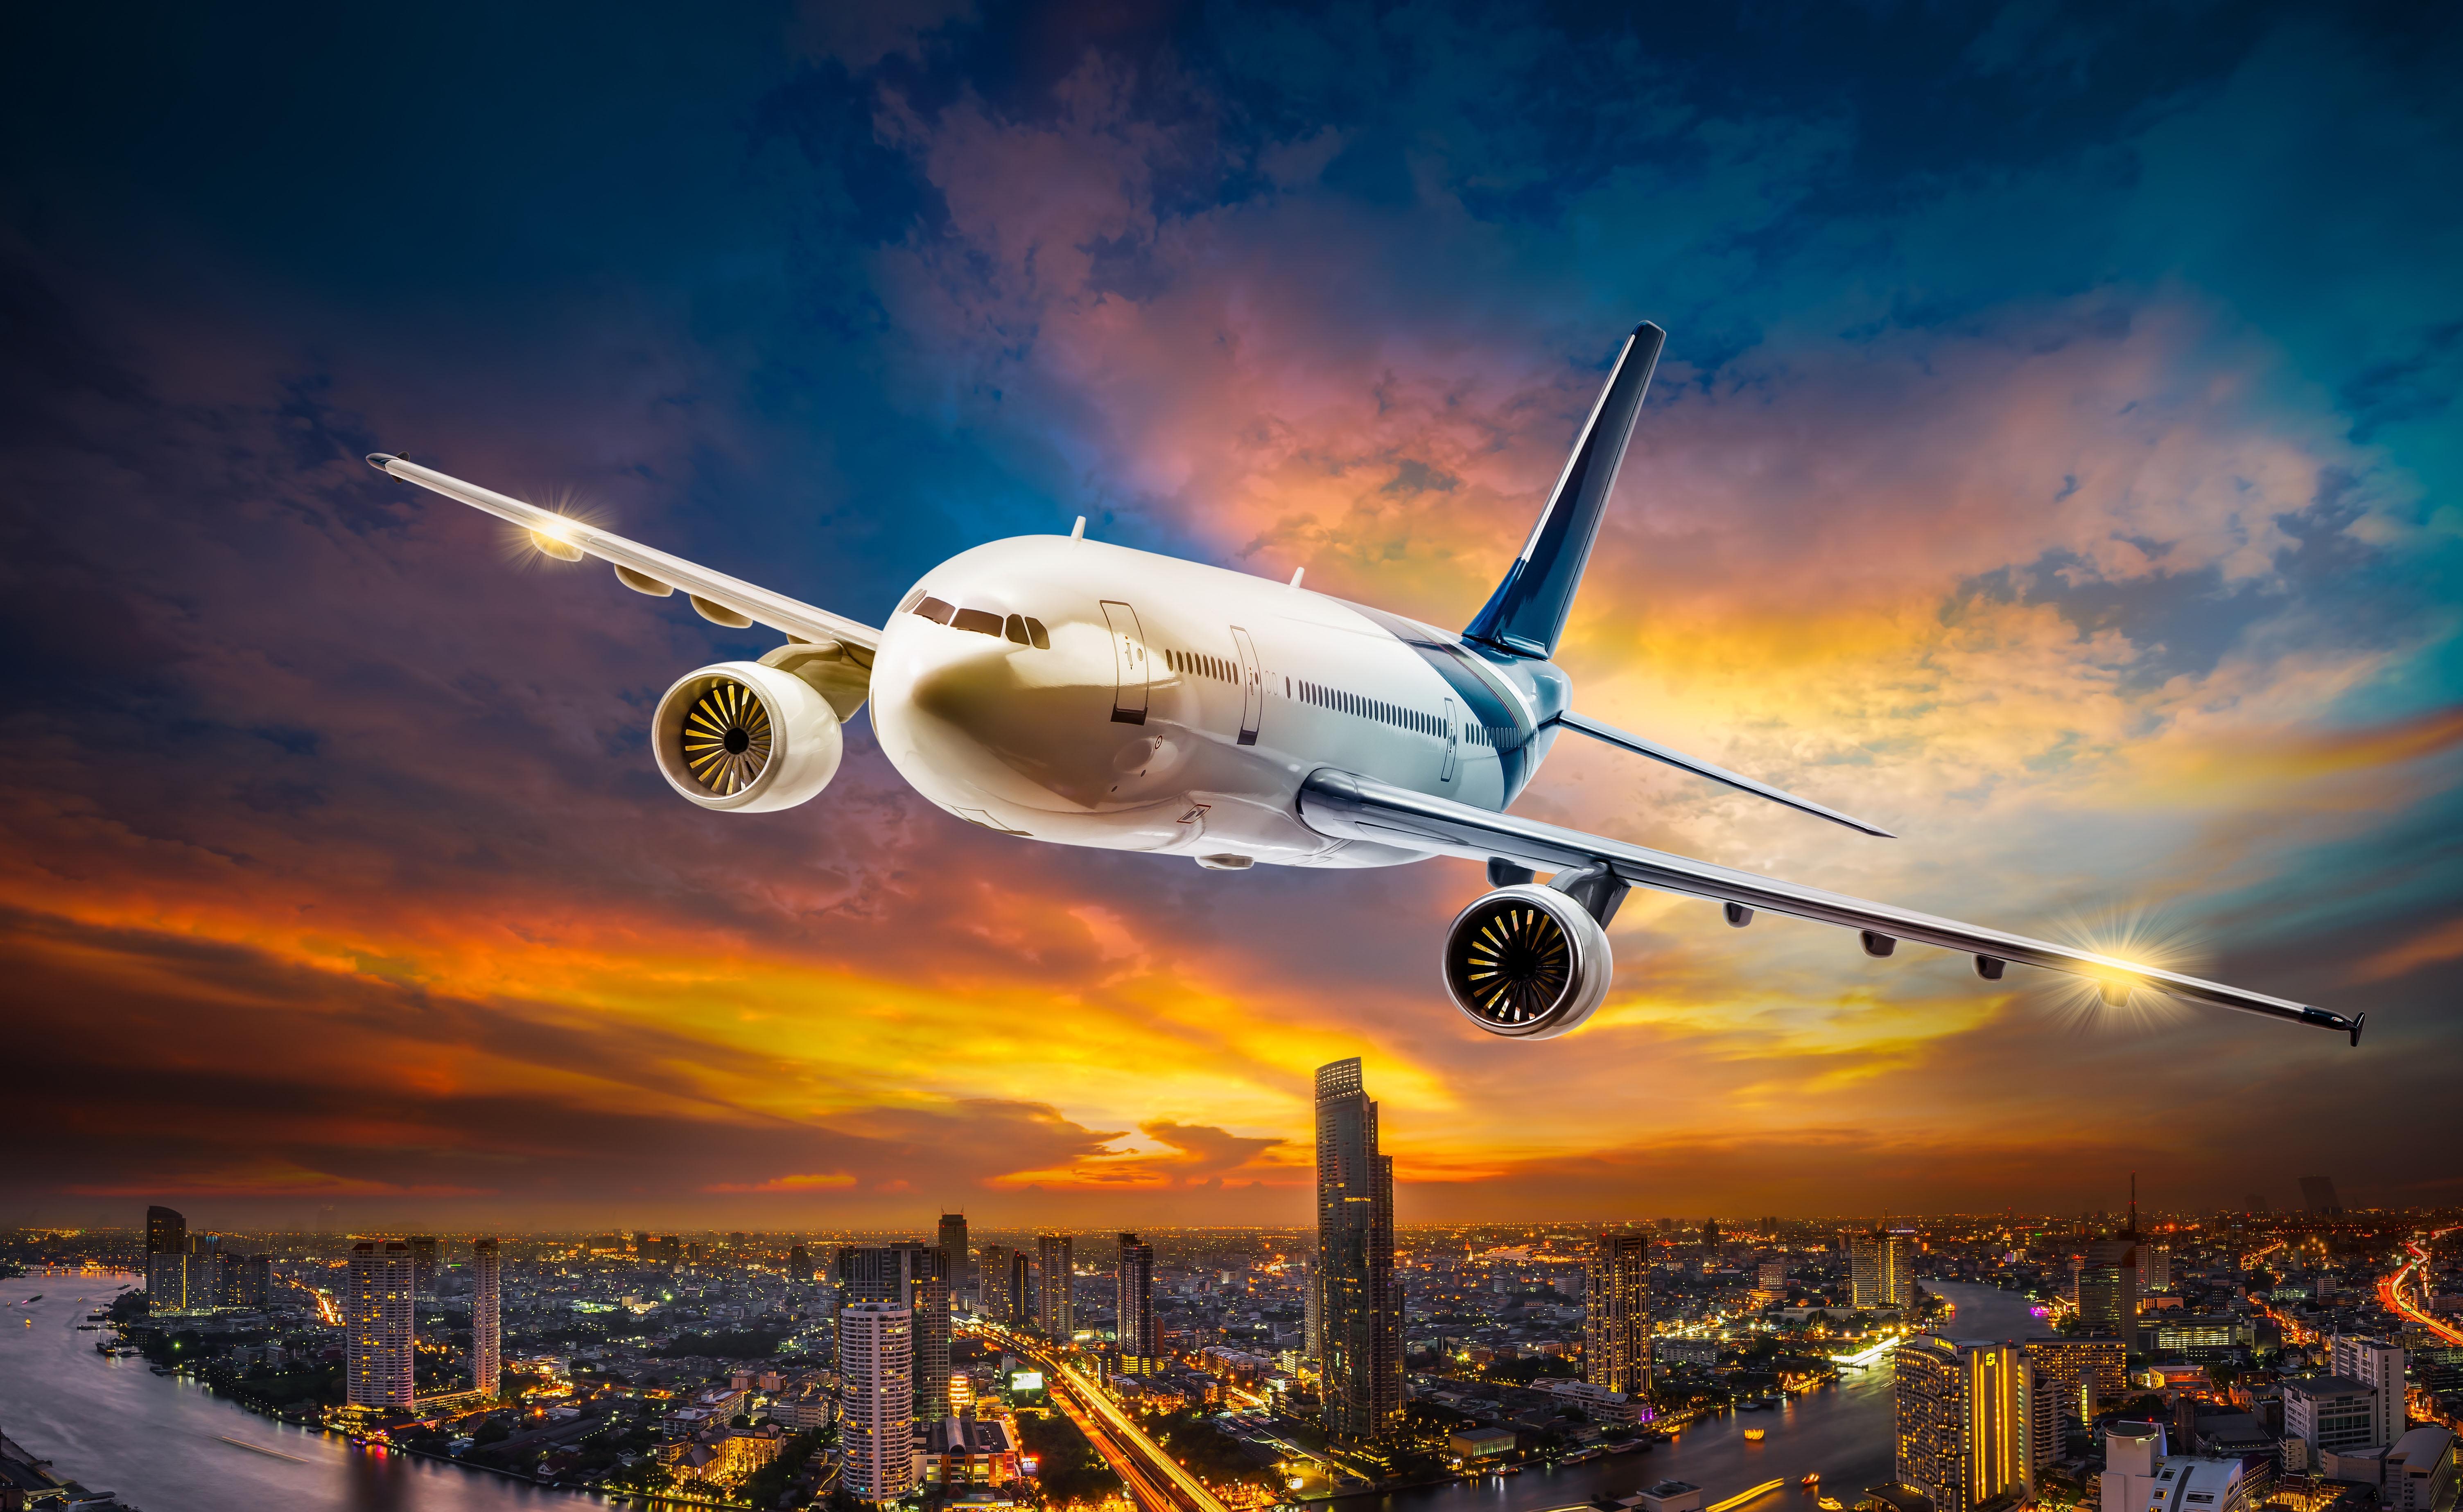 качественные фото самолетов нас можете заказать